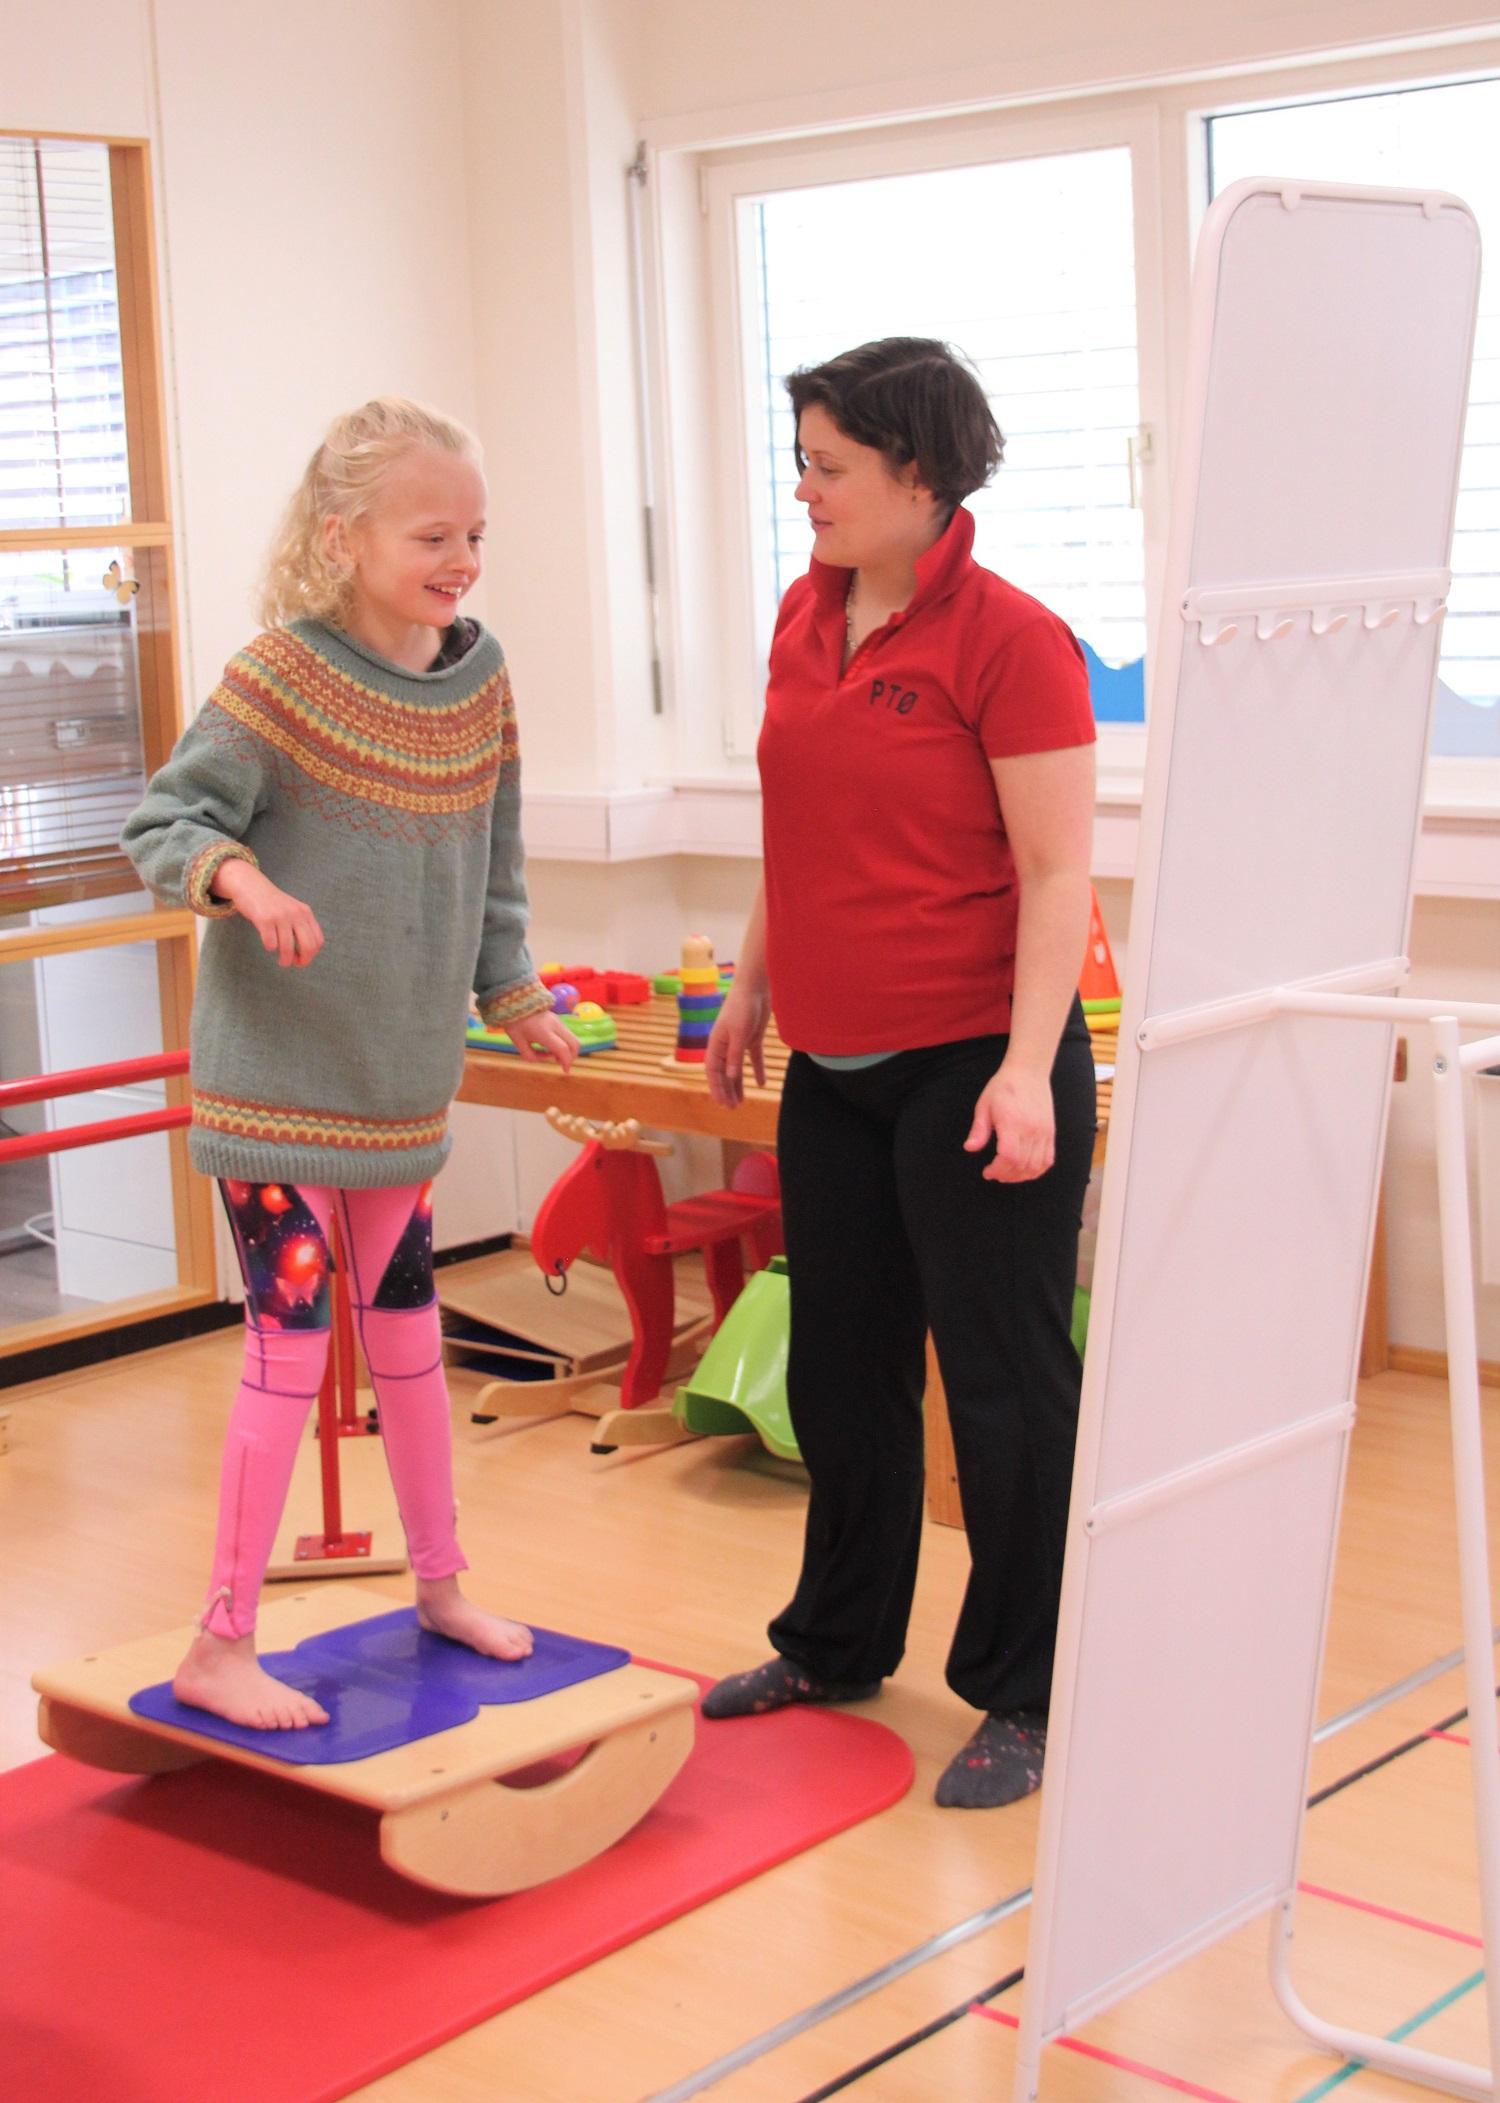 Oda trener på balansebrettet sammen med Zsuzsanna.